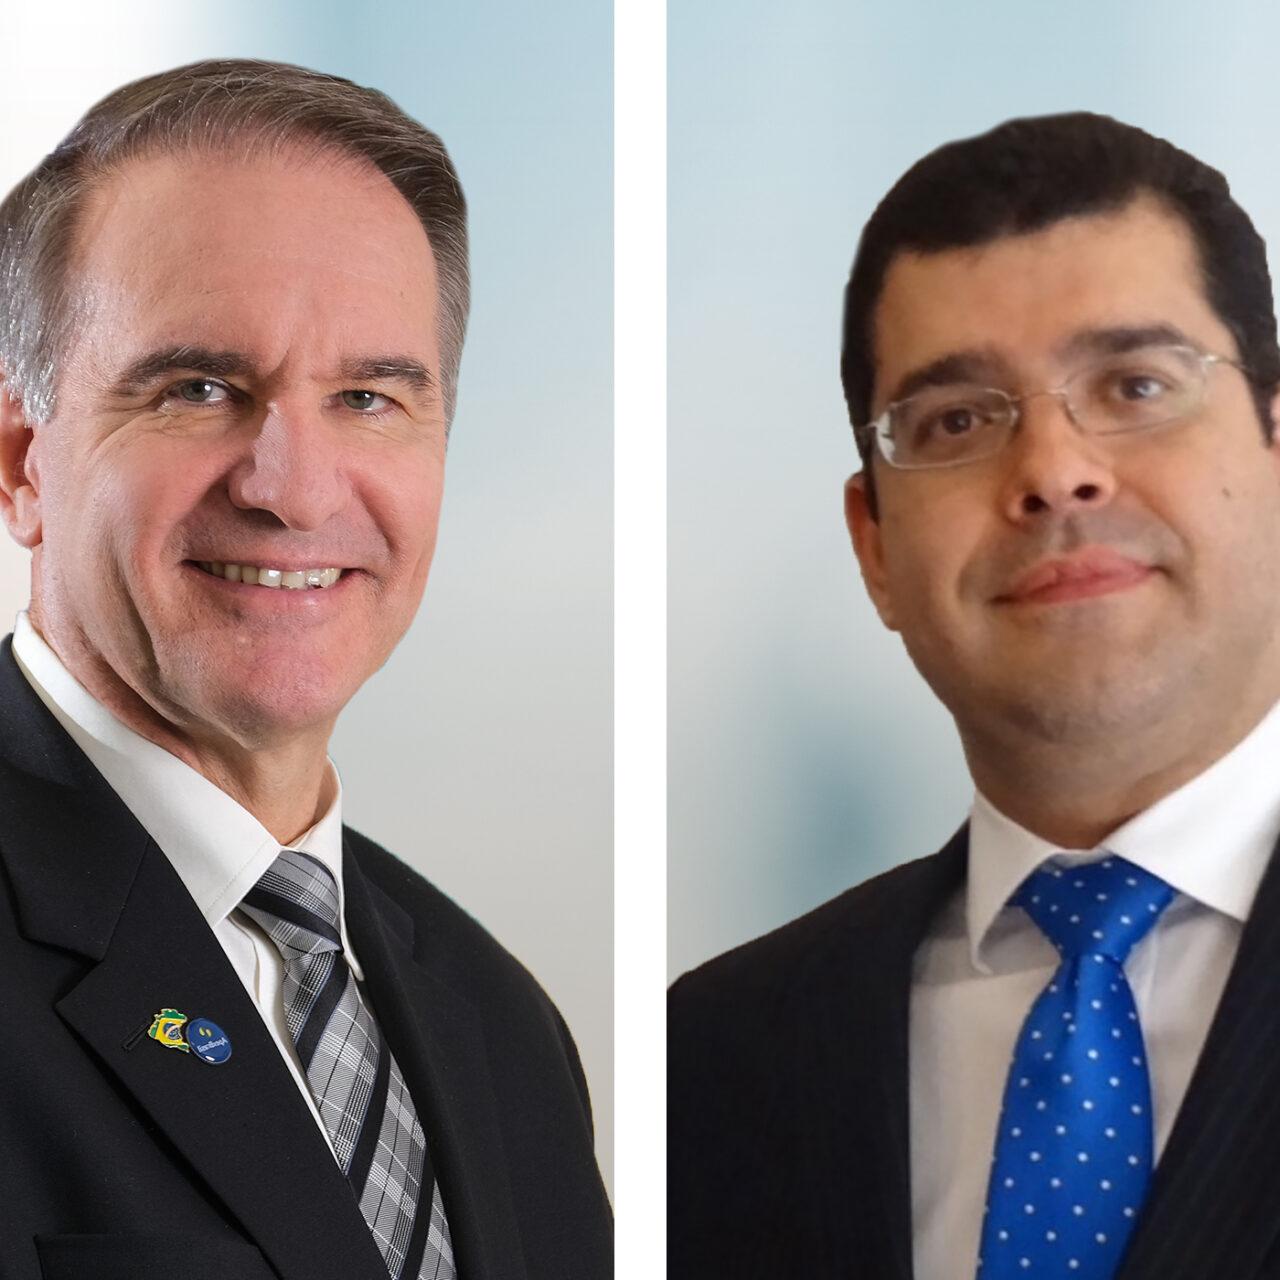 Entwicklung von Energieinfrastrukturen in Brasilien: Aussichtsreiche Investitionschancen